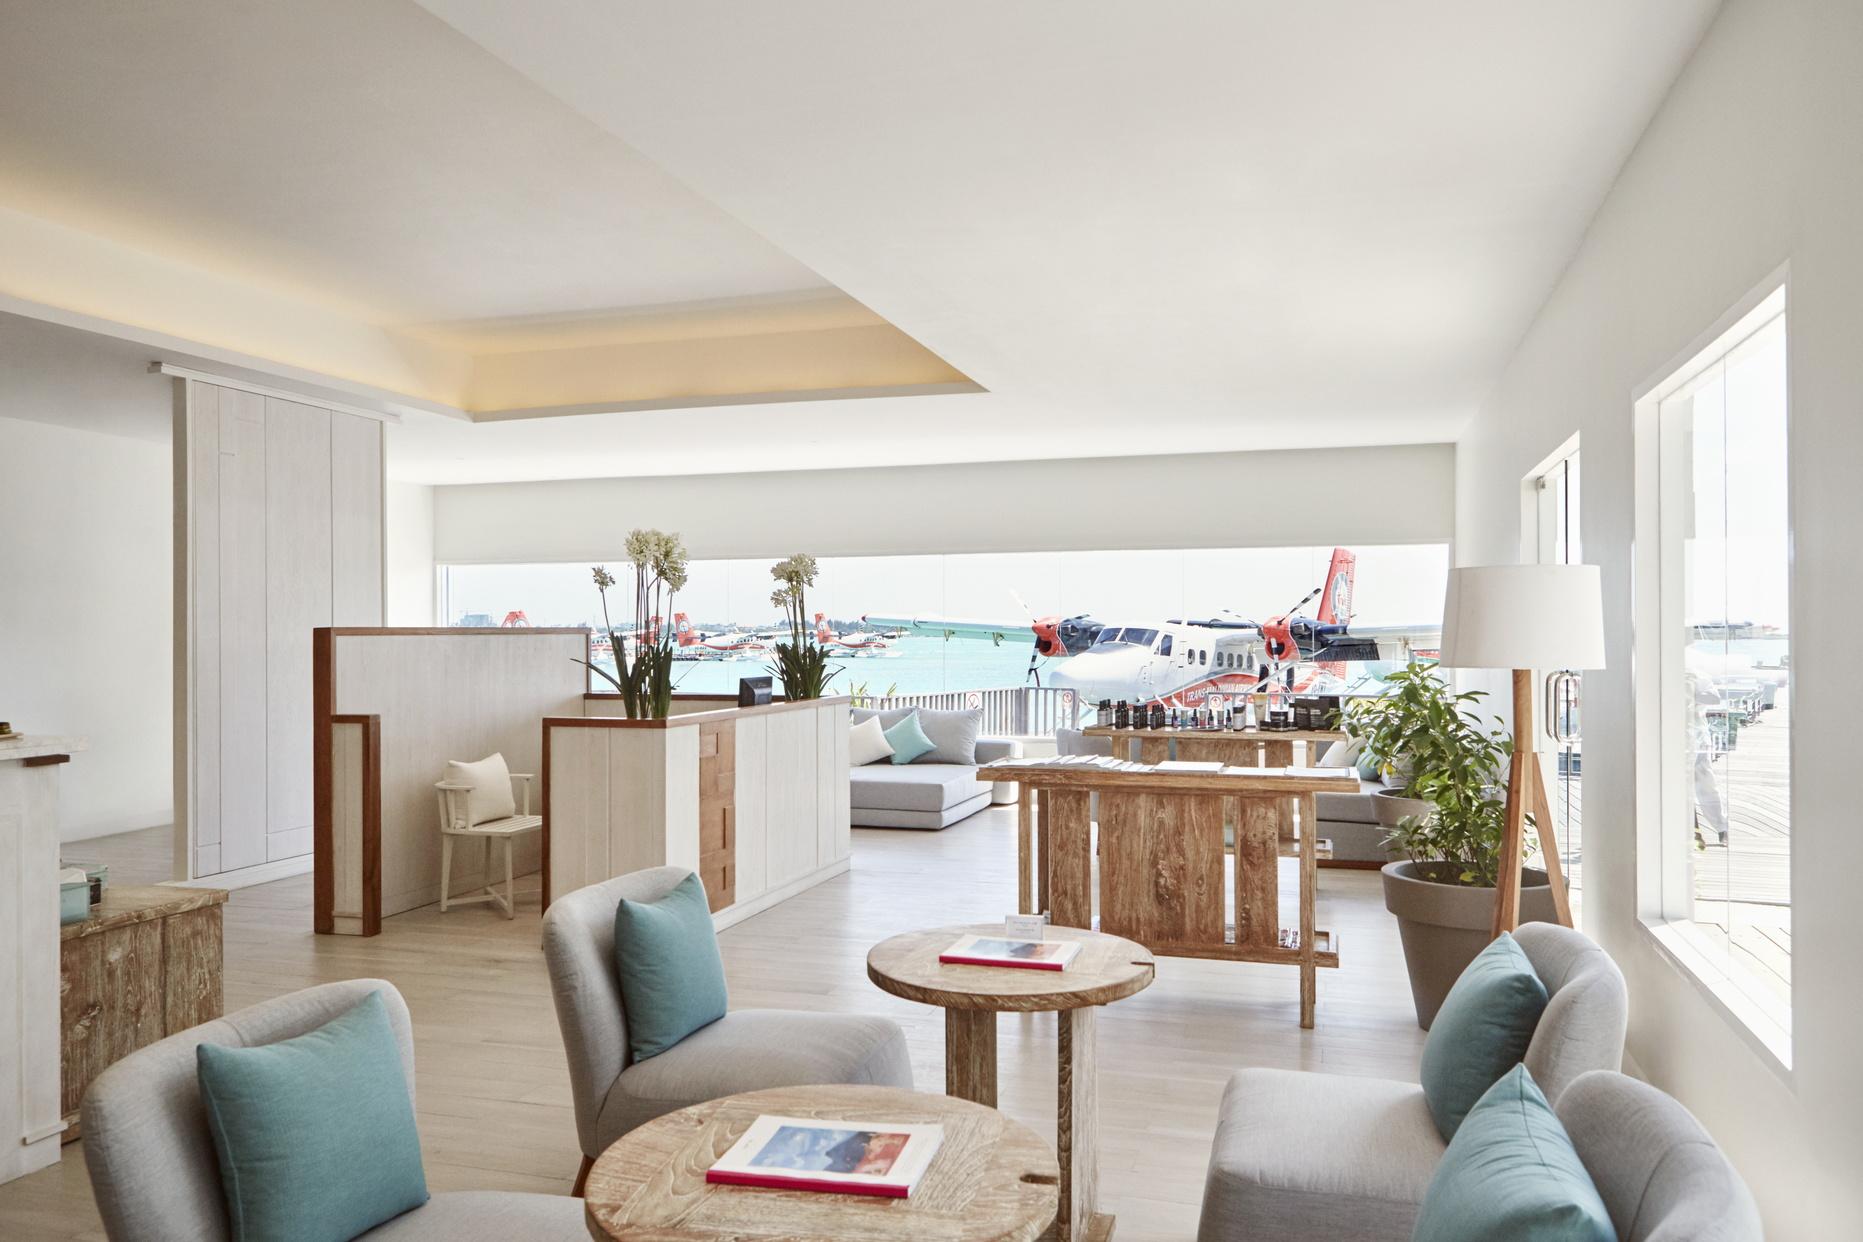 Во время путешествия вы сможете отдохнуть в отдельном зале ожидания в аэропорту на Мальдивах